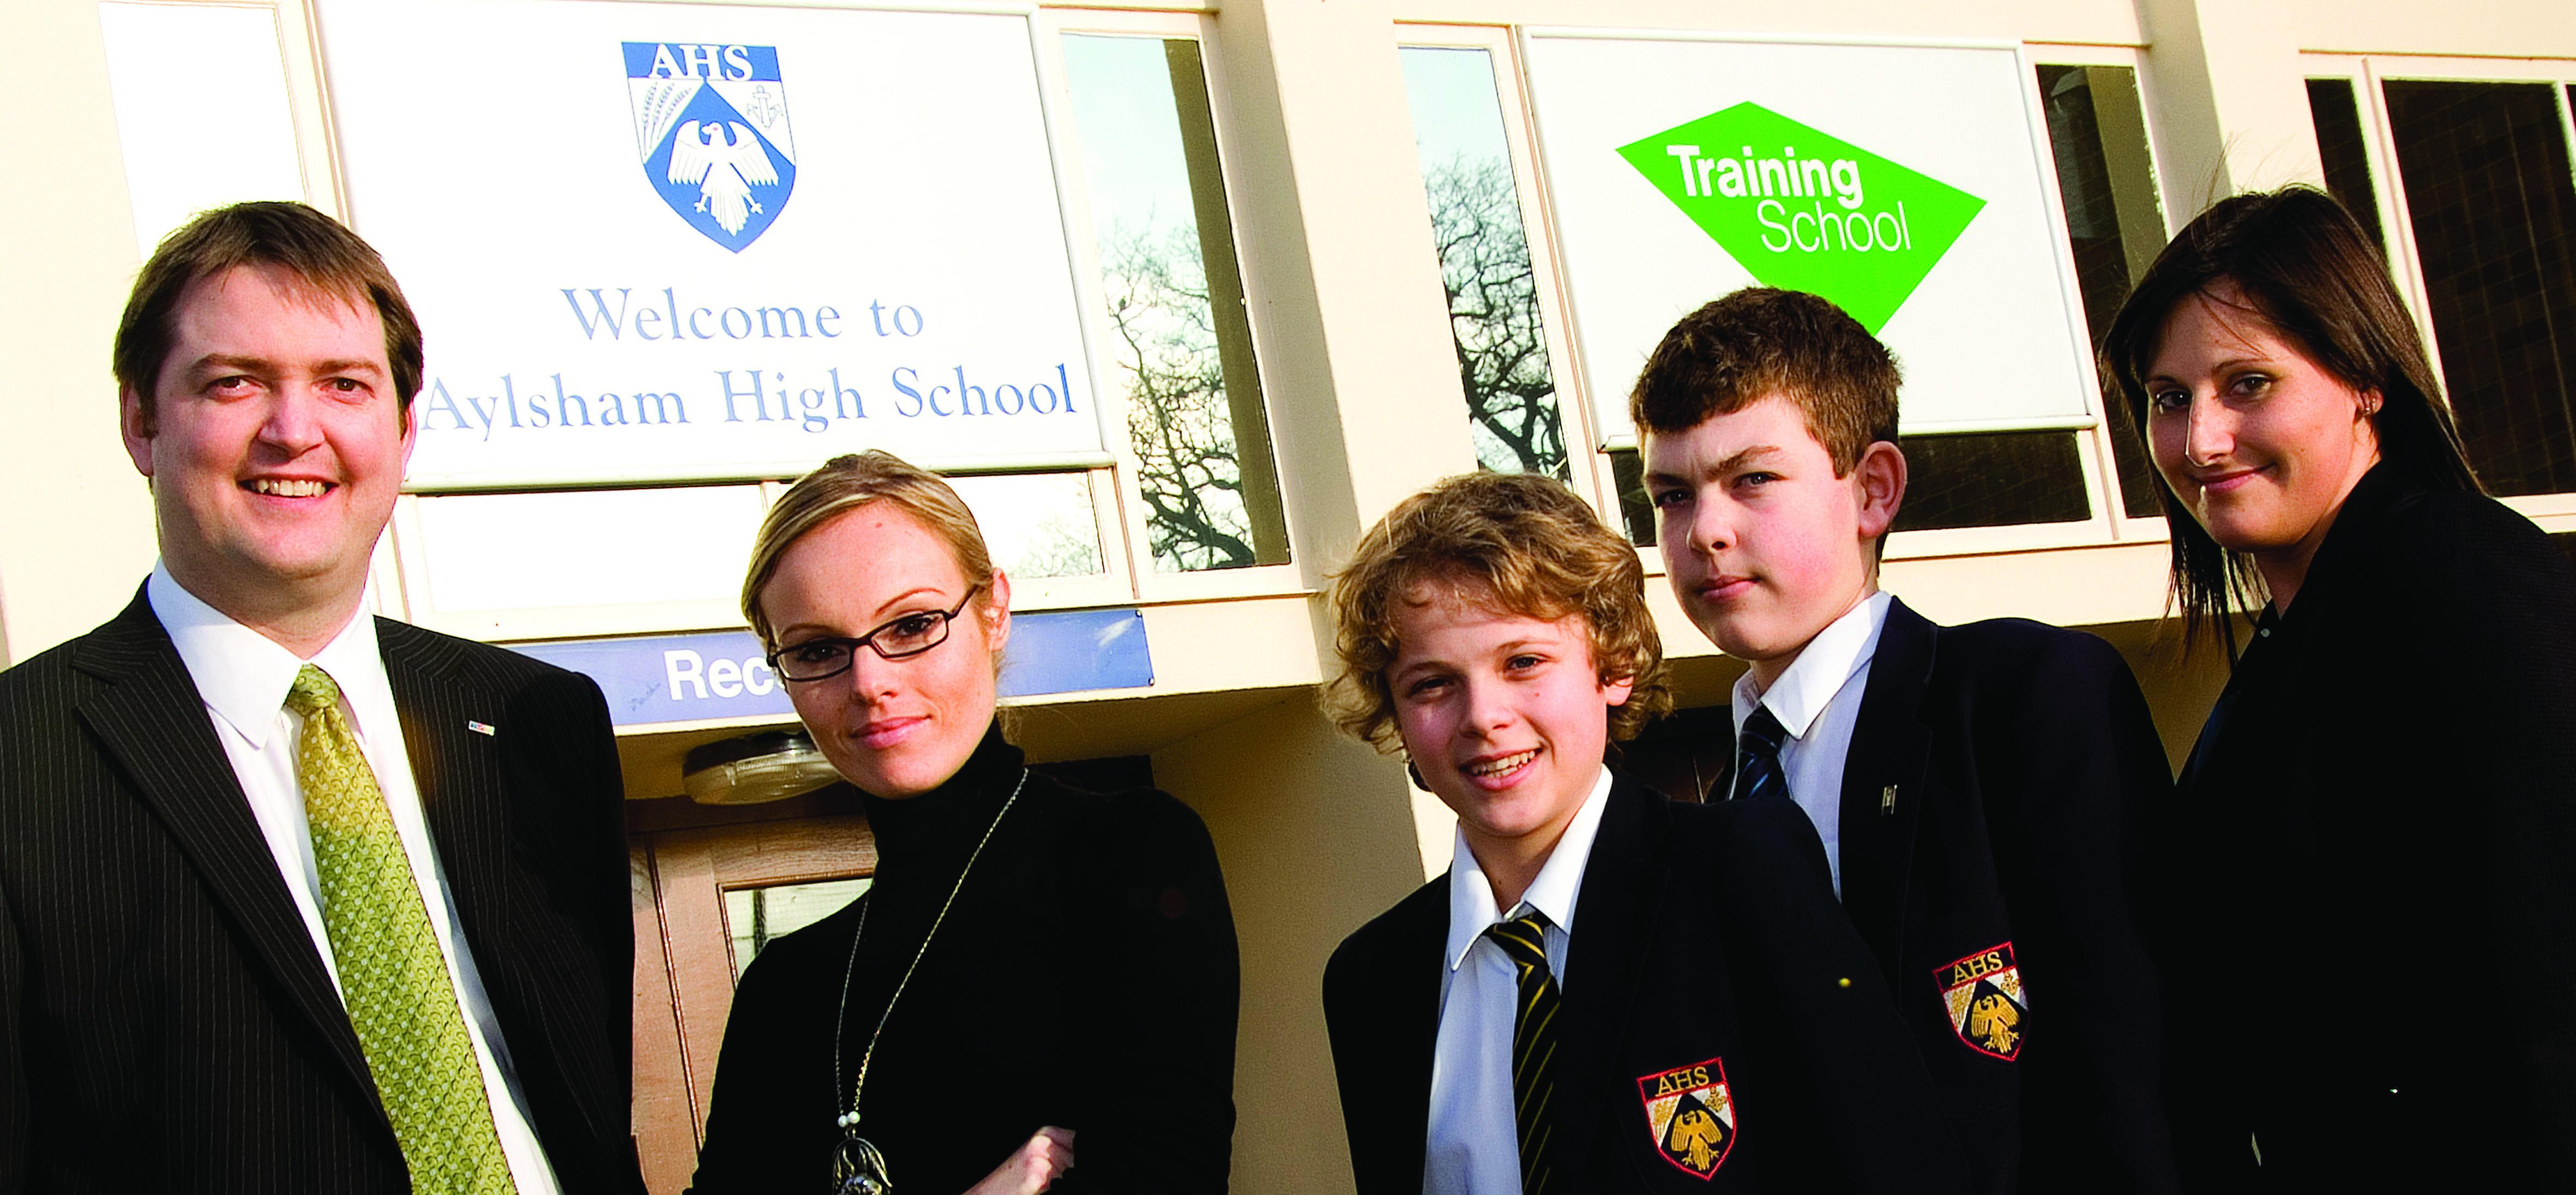 Apprentice Winner Visits Aylsham High